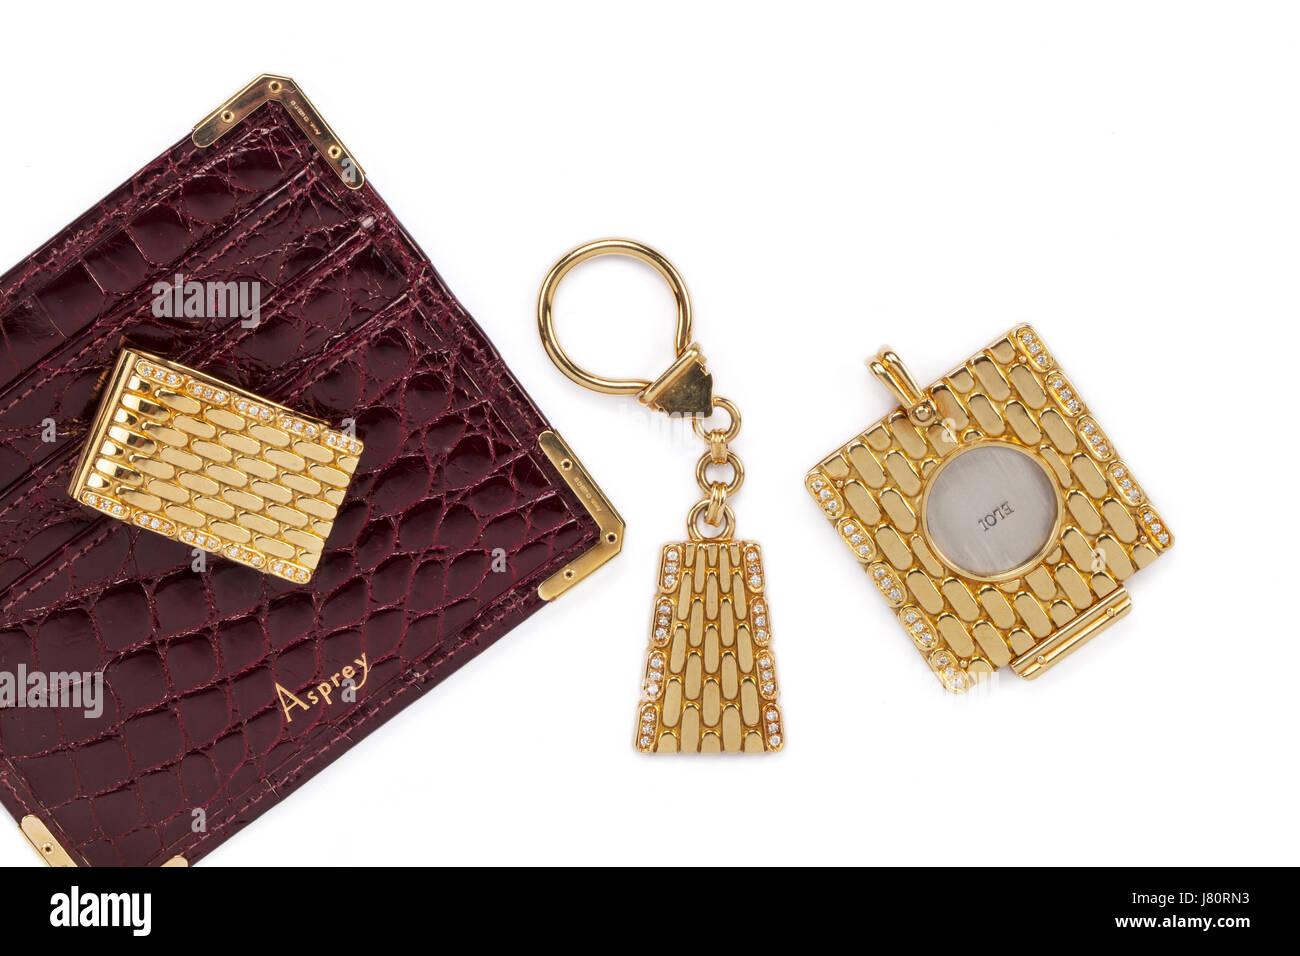 Asprey matching 18ct oro e diamante anello chiave, denaro clip, coltello da caccia e card wallet. Immagini Stock